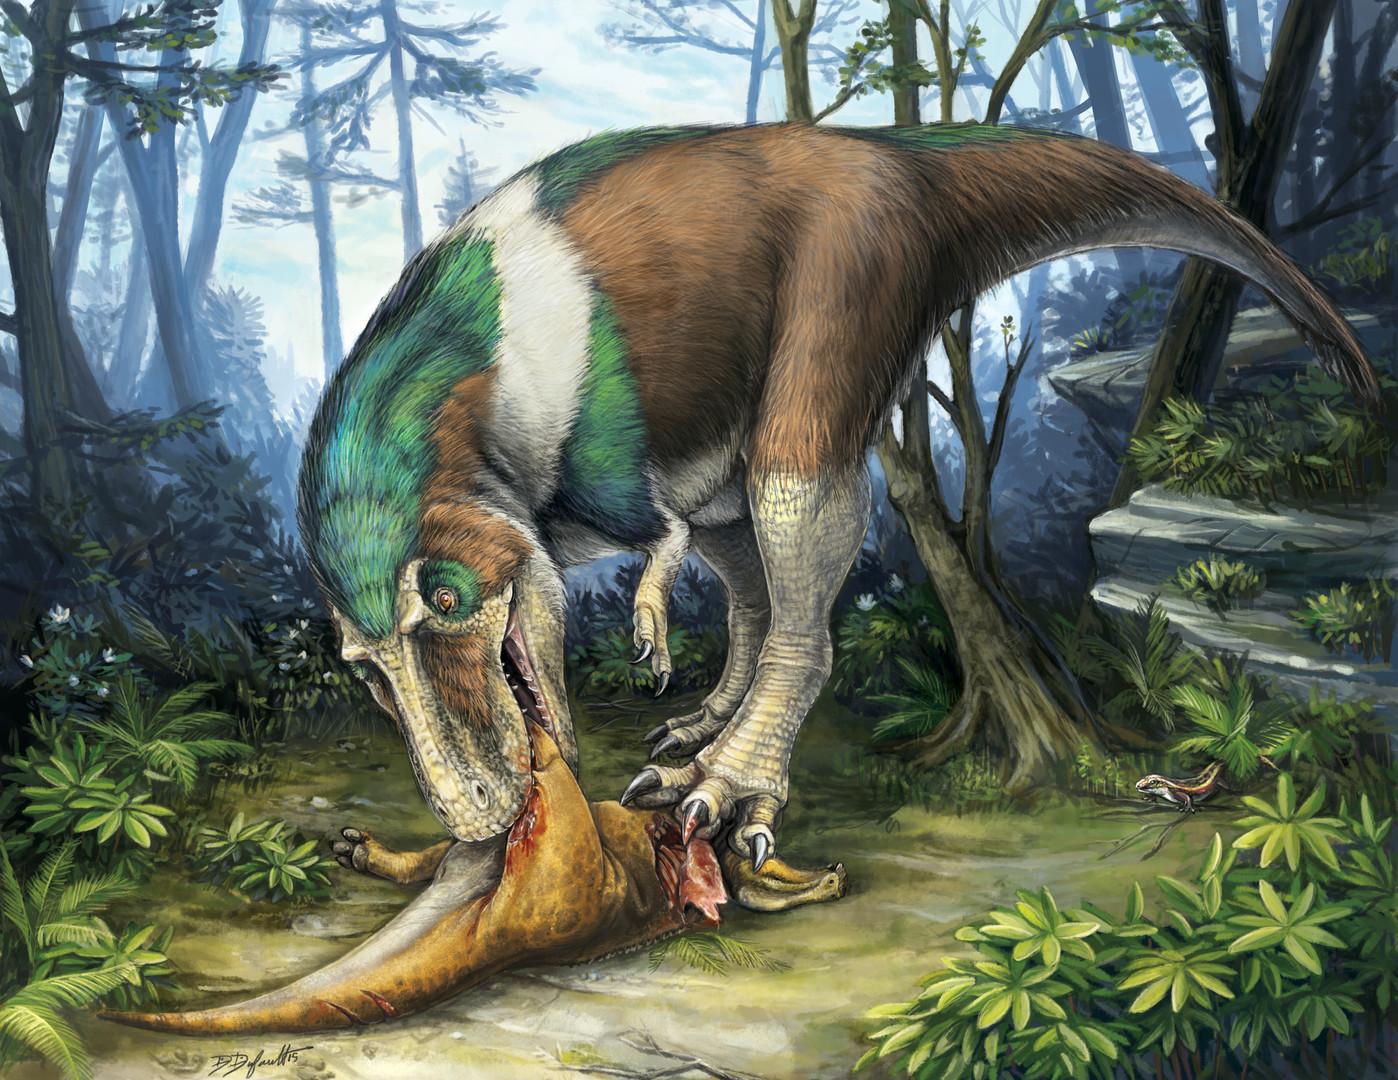 Dinner in Dinosaur Park